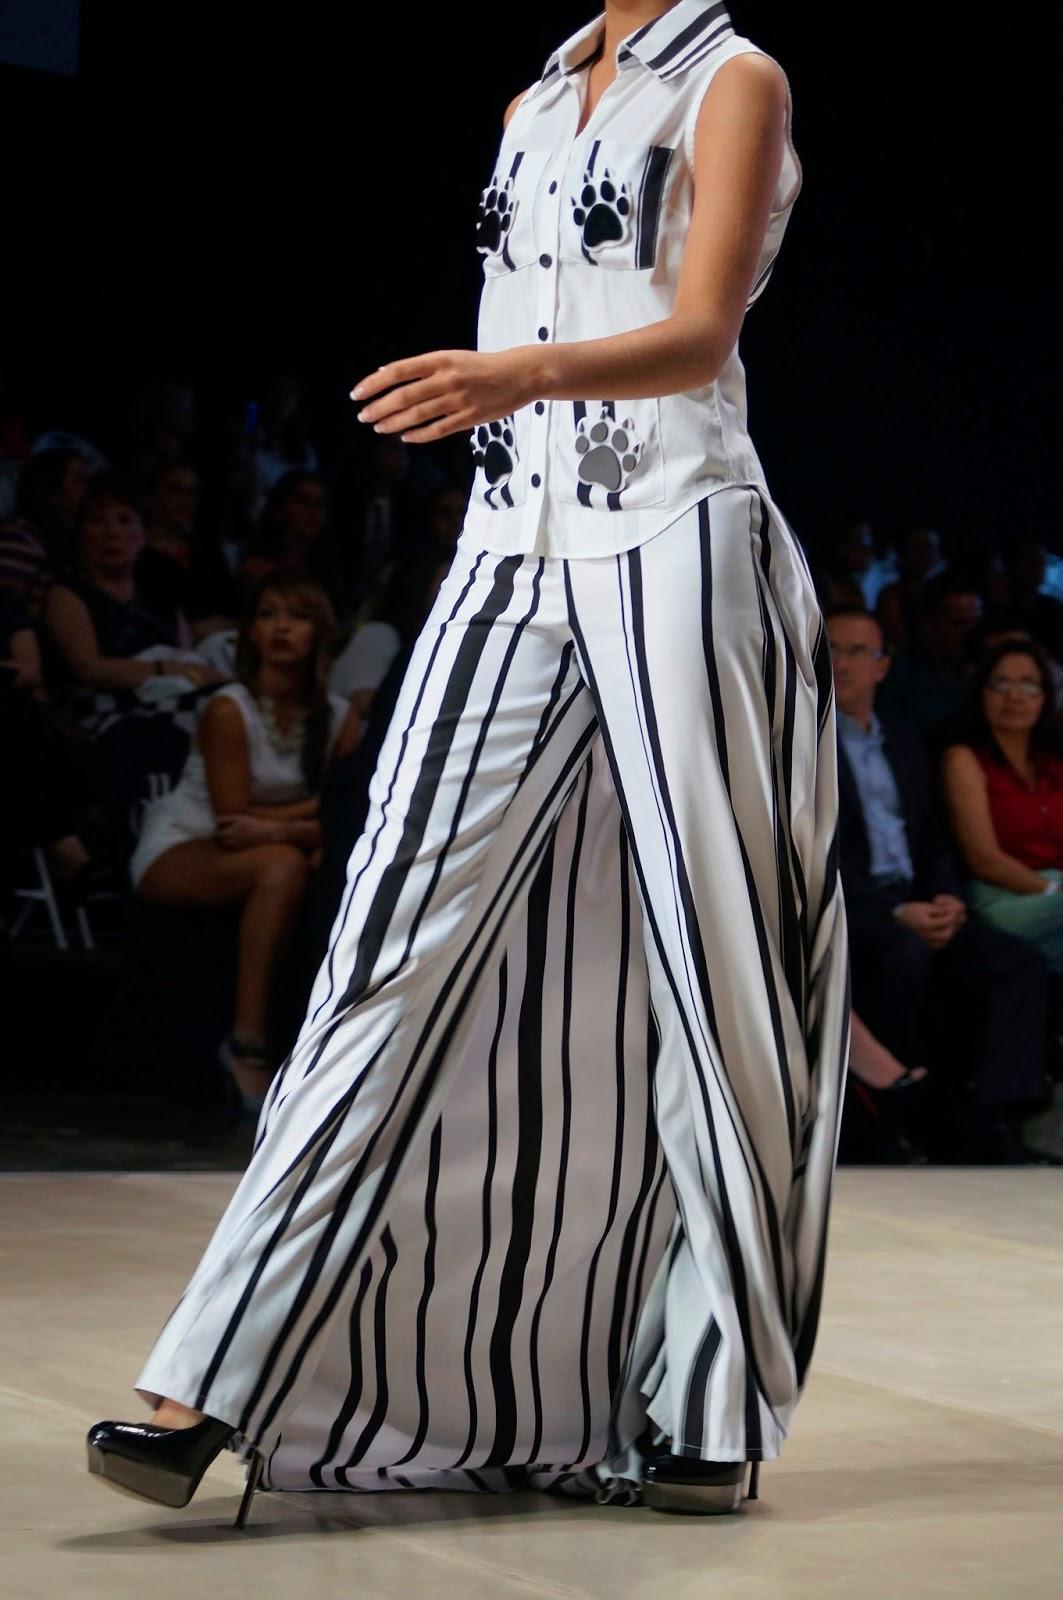 Designs by Judie and Ivonne Attie, Panama Fashion Week 2014